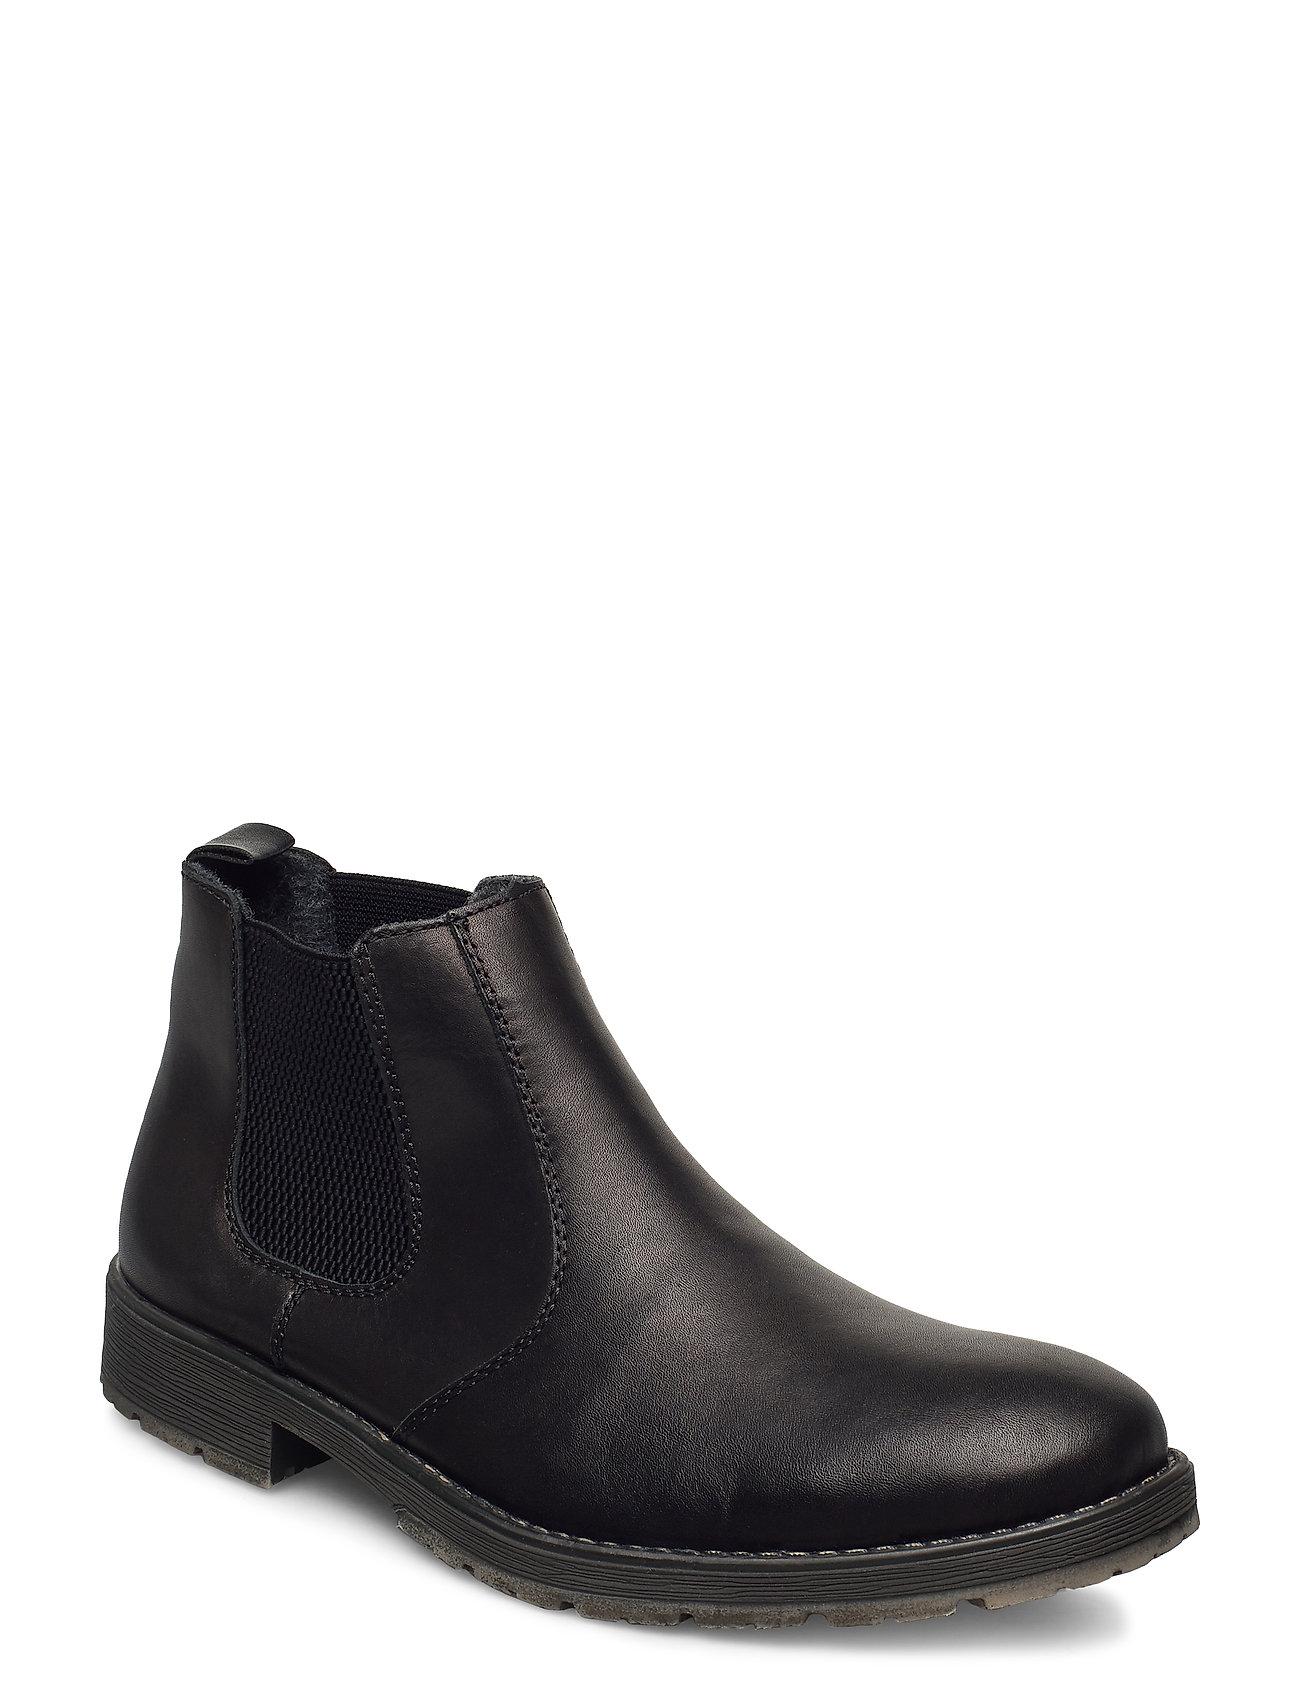 33354-00 Støvlet Chelsea Boot Sort Rieker